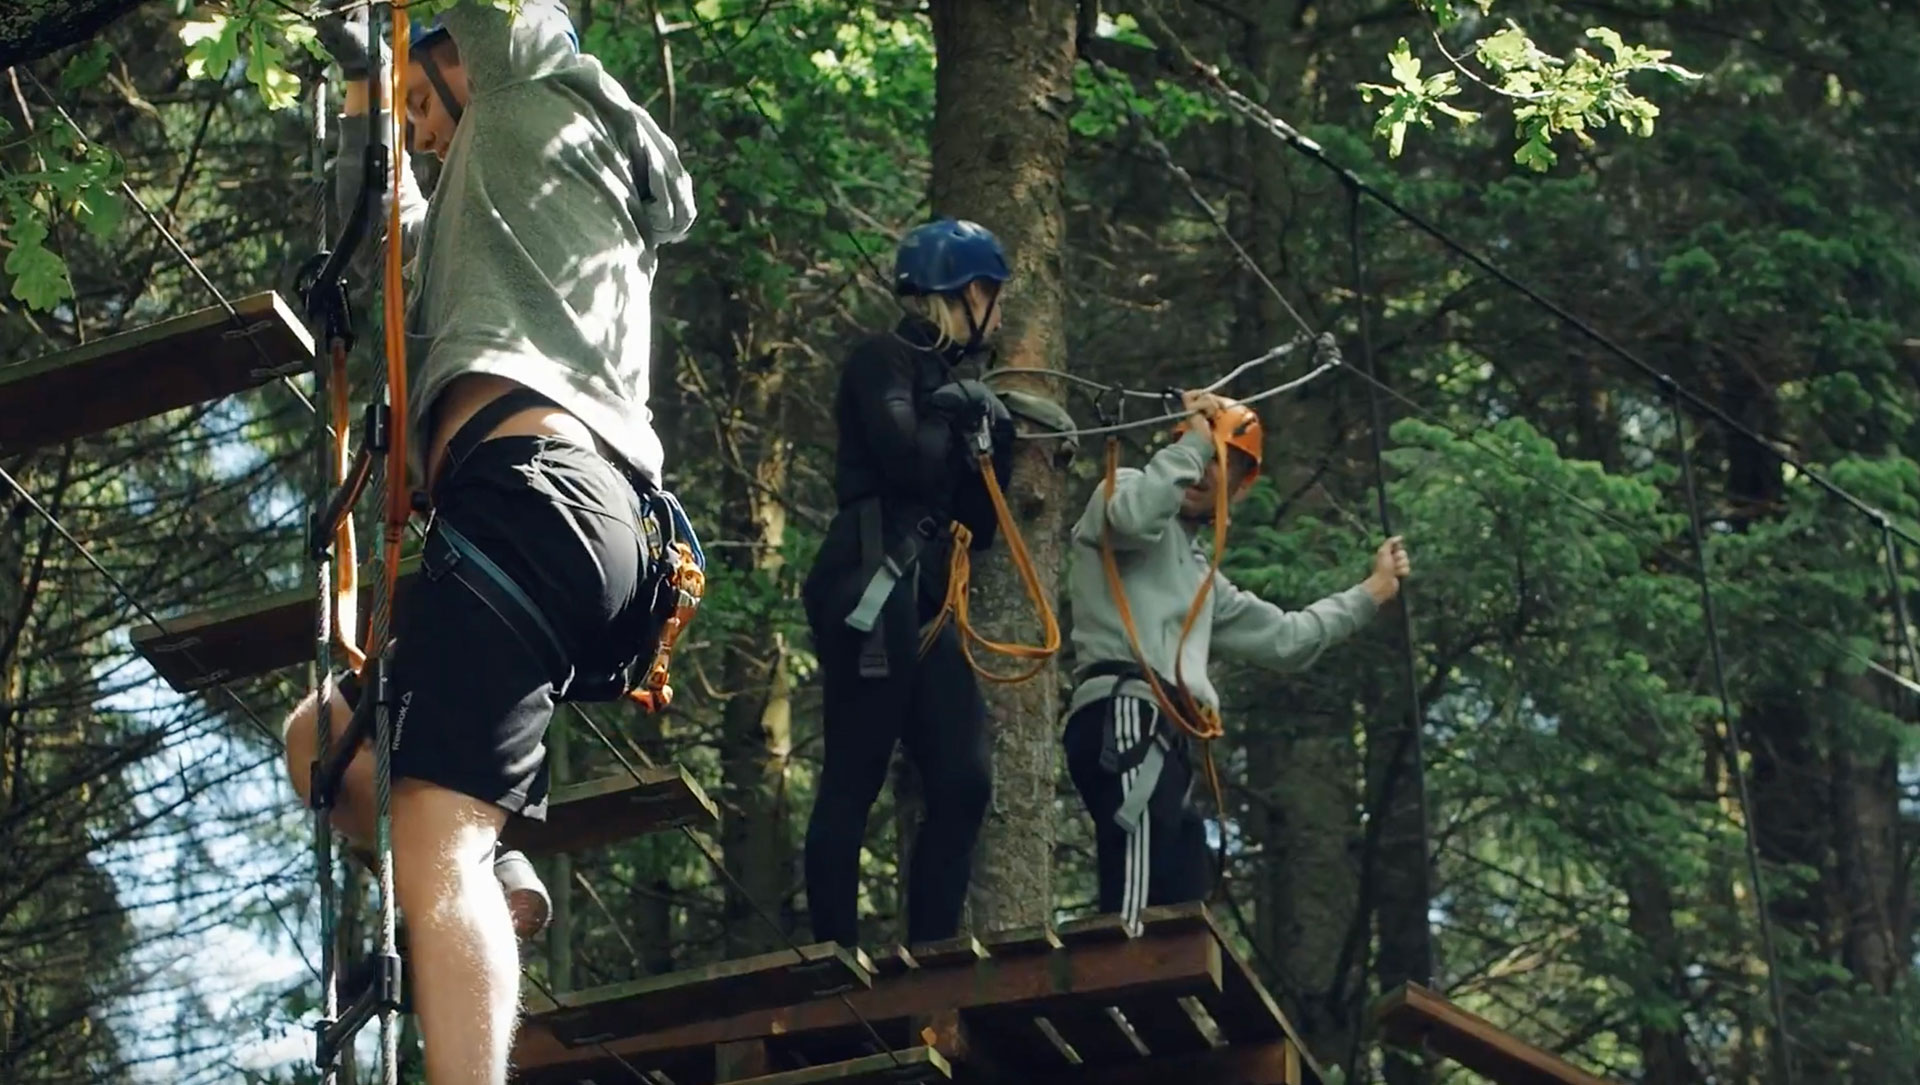 RSA-klatre-3-personer